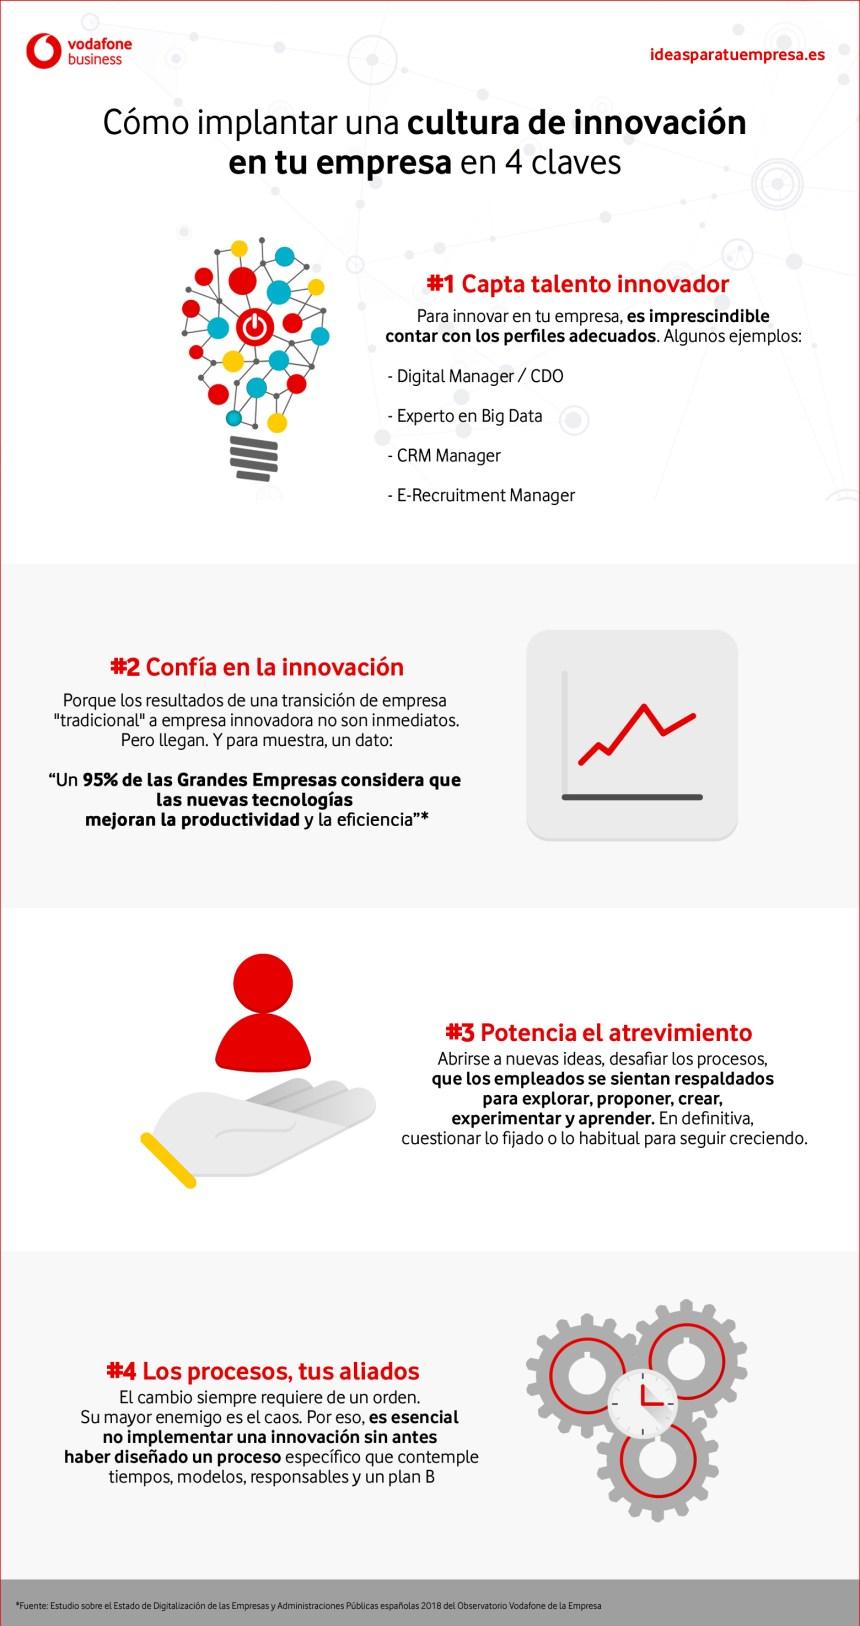 4 claves para implantar una cultura de innovación en tu empresa